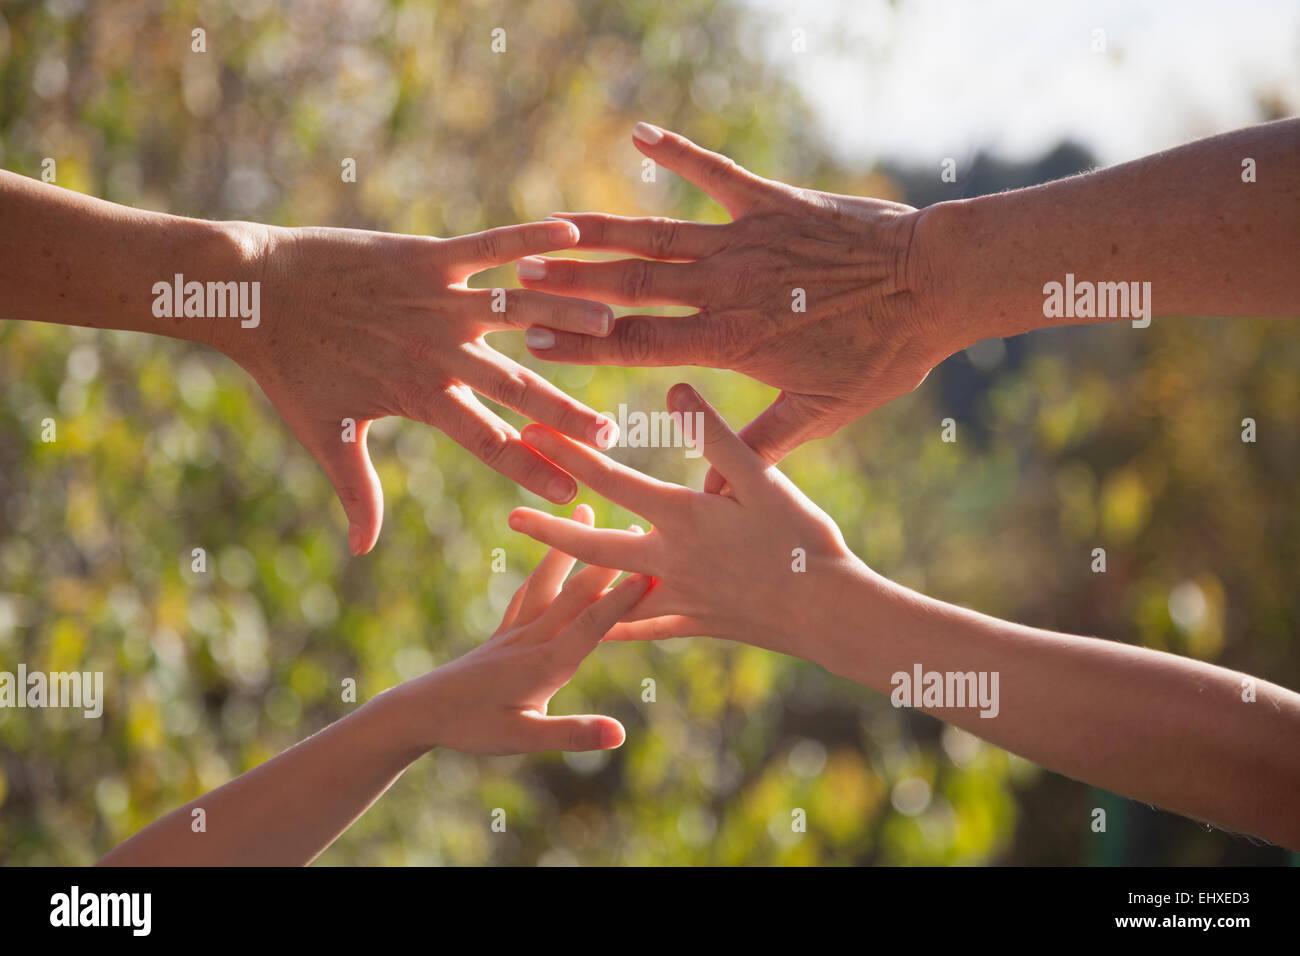 Nahaufnahme von Familienhand gemeinsam gegen Sonnenlicht, Bayern, Deutschland Stockbild